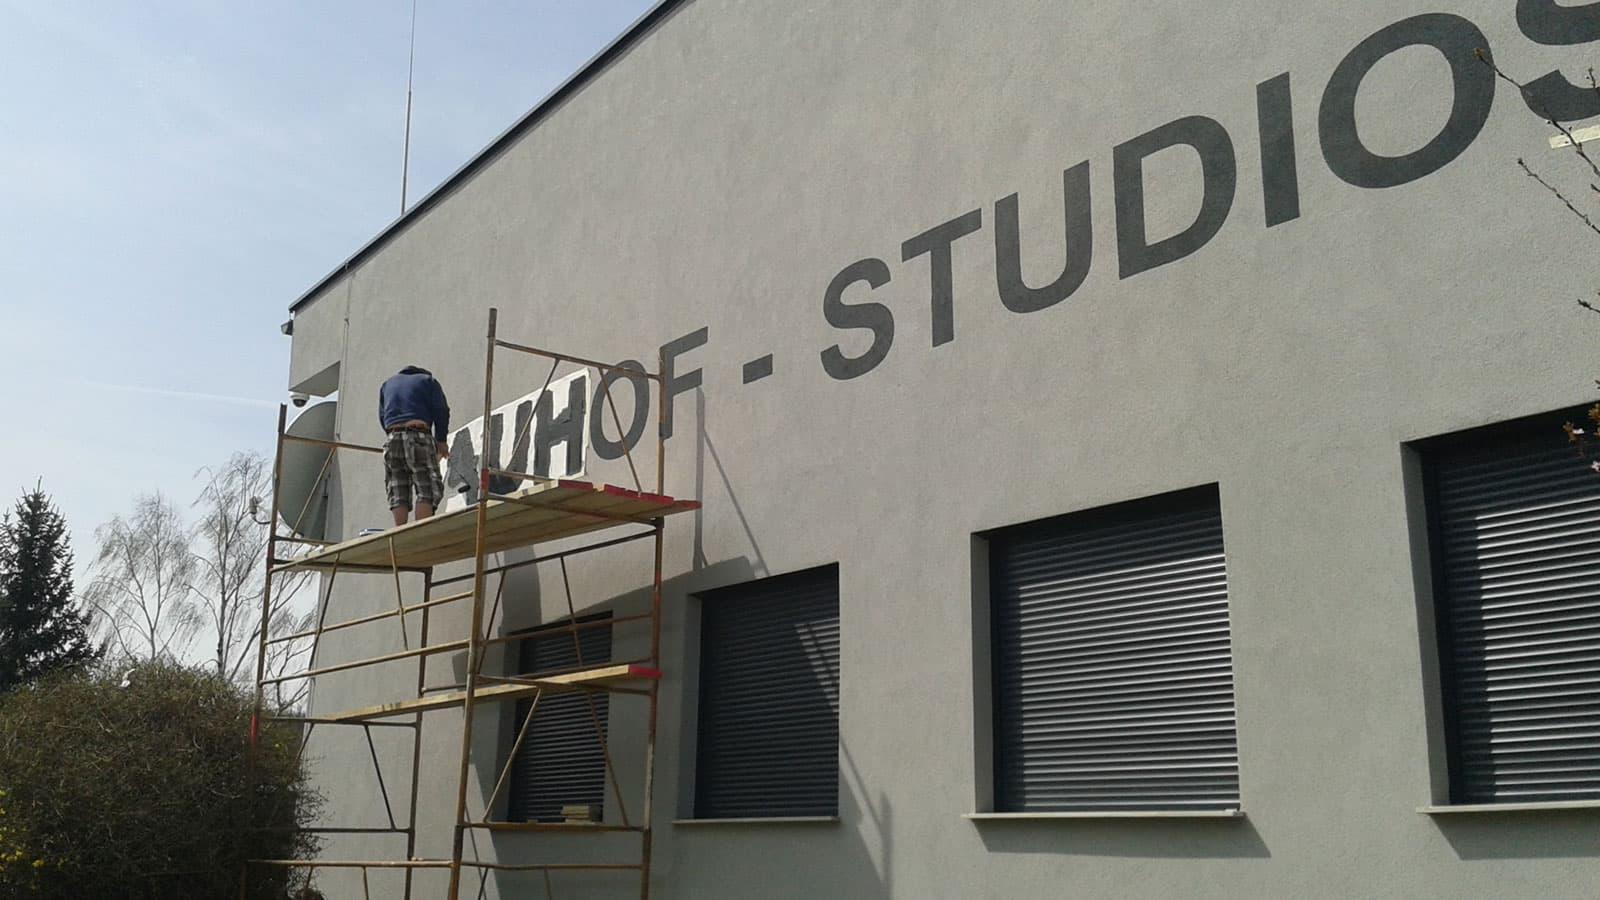 auhof studios fassadenbeschriftung schablonenmalerei